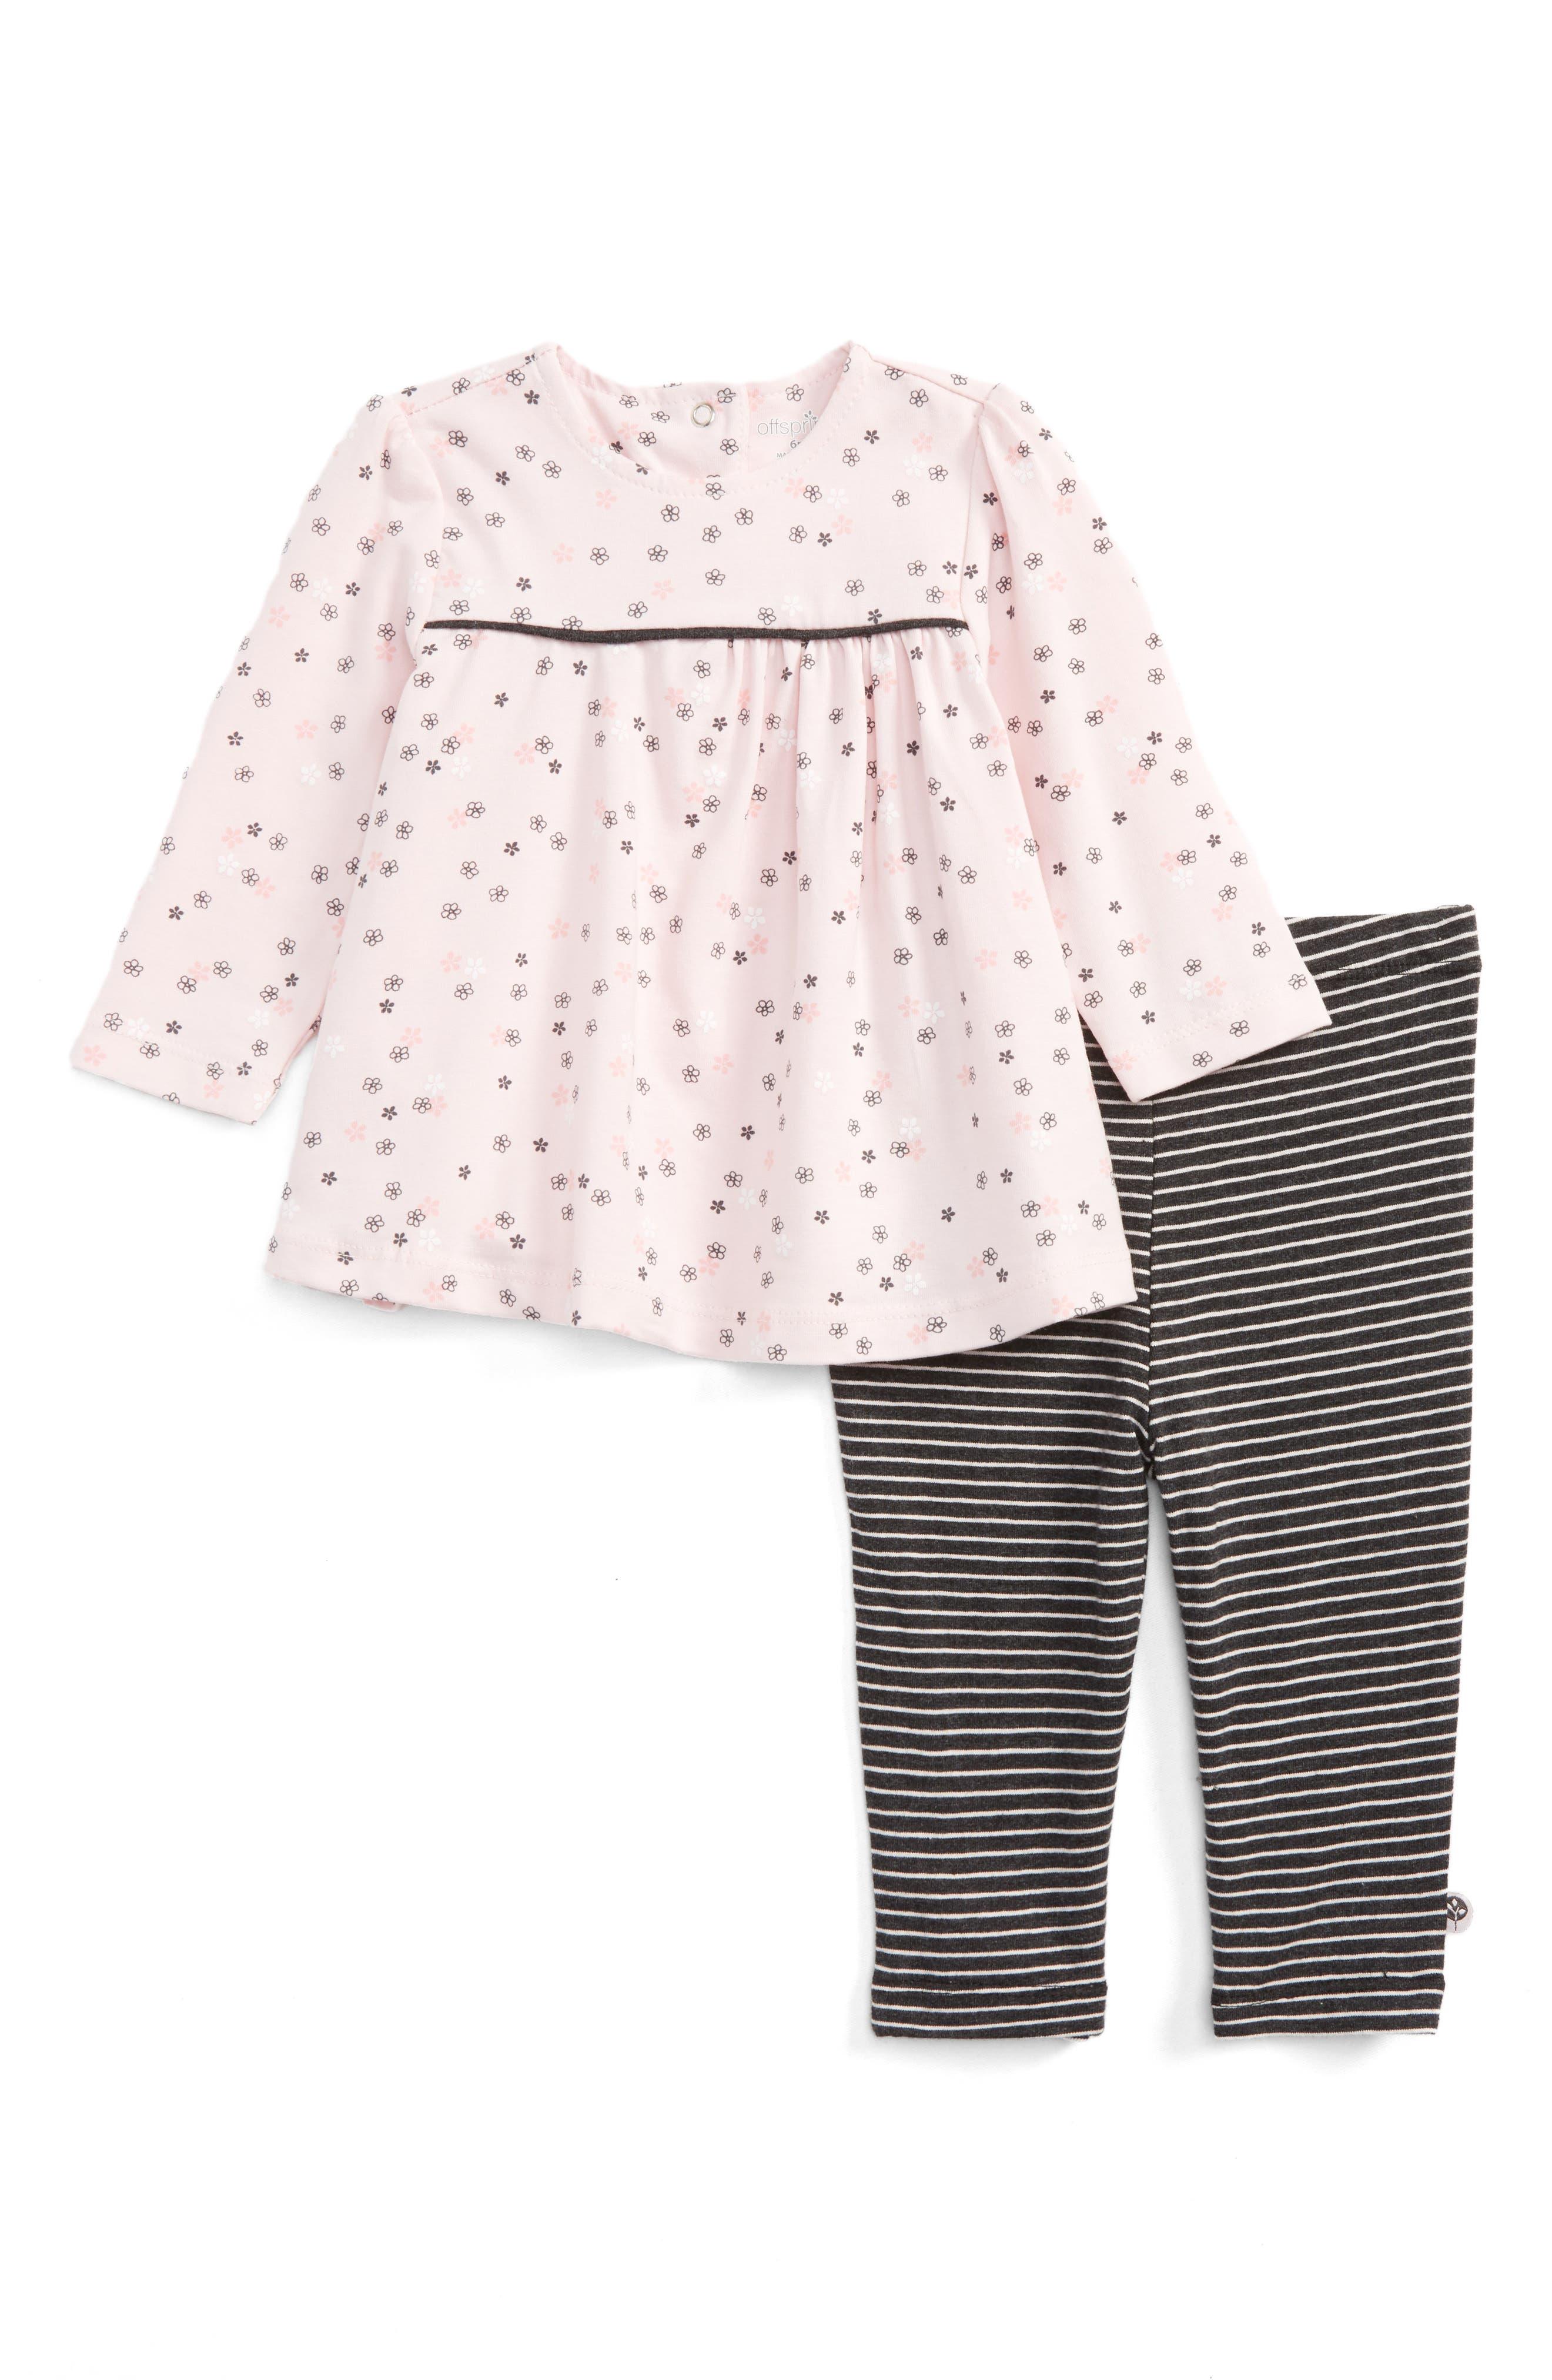 Main Image - Offspring Delicate Blush Tunic & Leggings Set (Baby Girls)